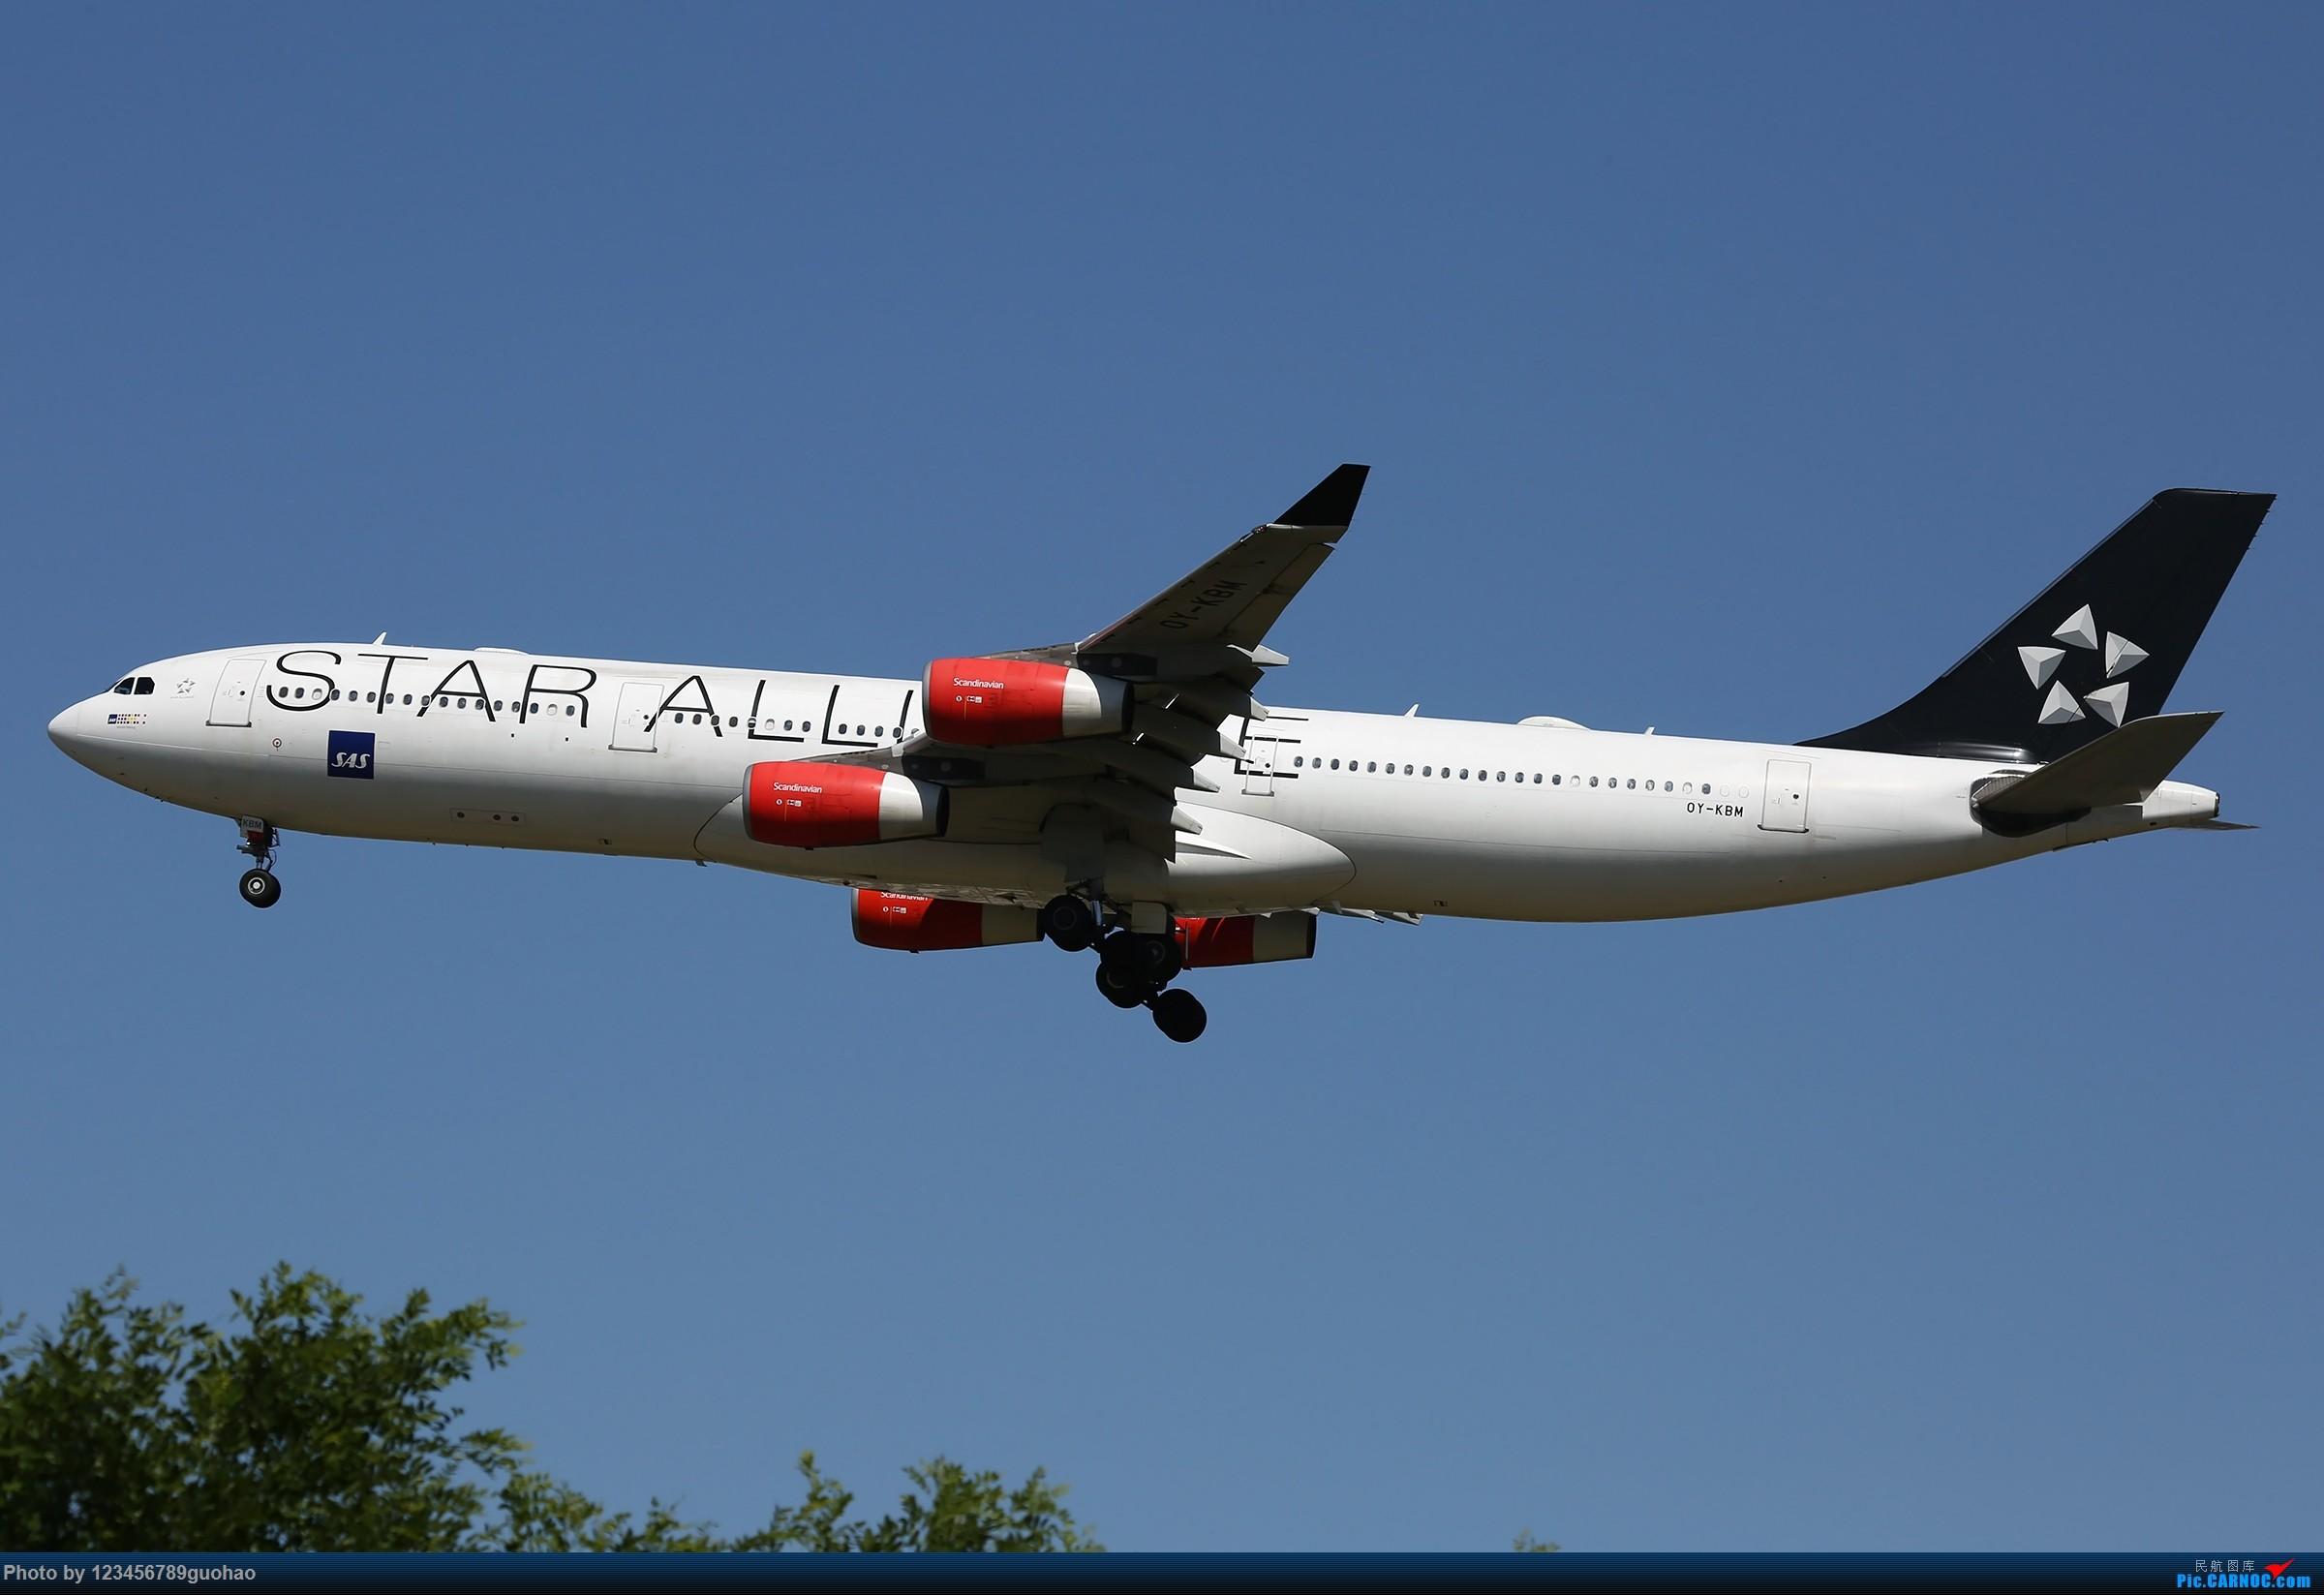 一图党-北欧大星星 AIRBUS A340-300 OY-KBM 北京首都国际机场